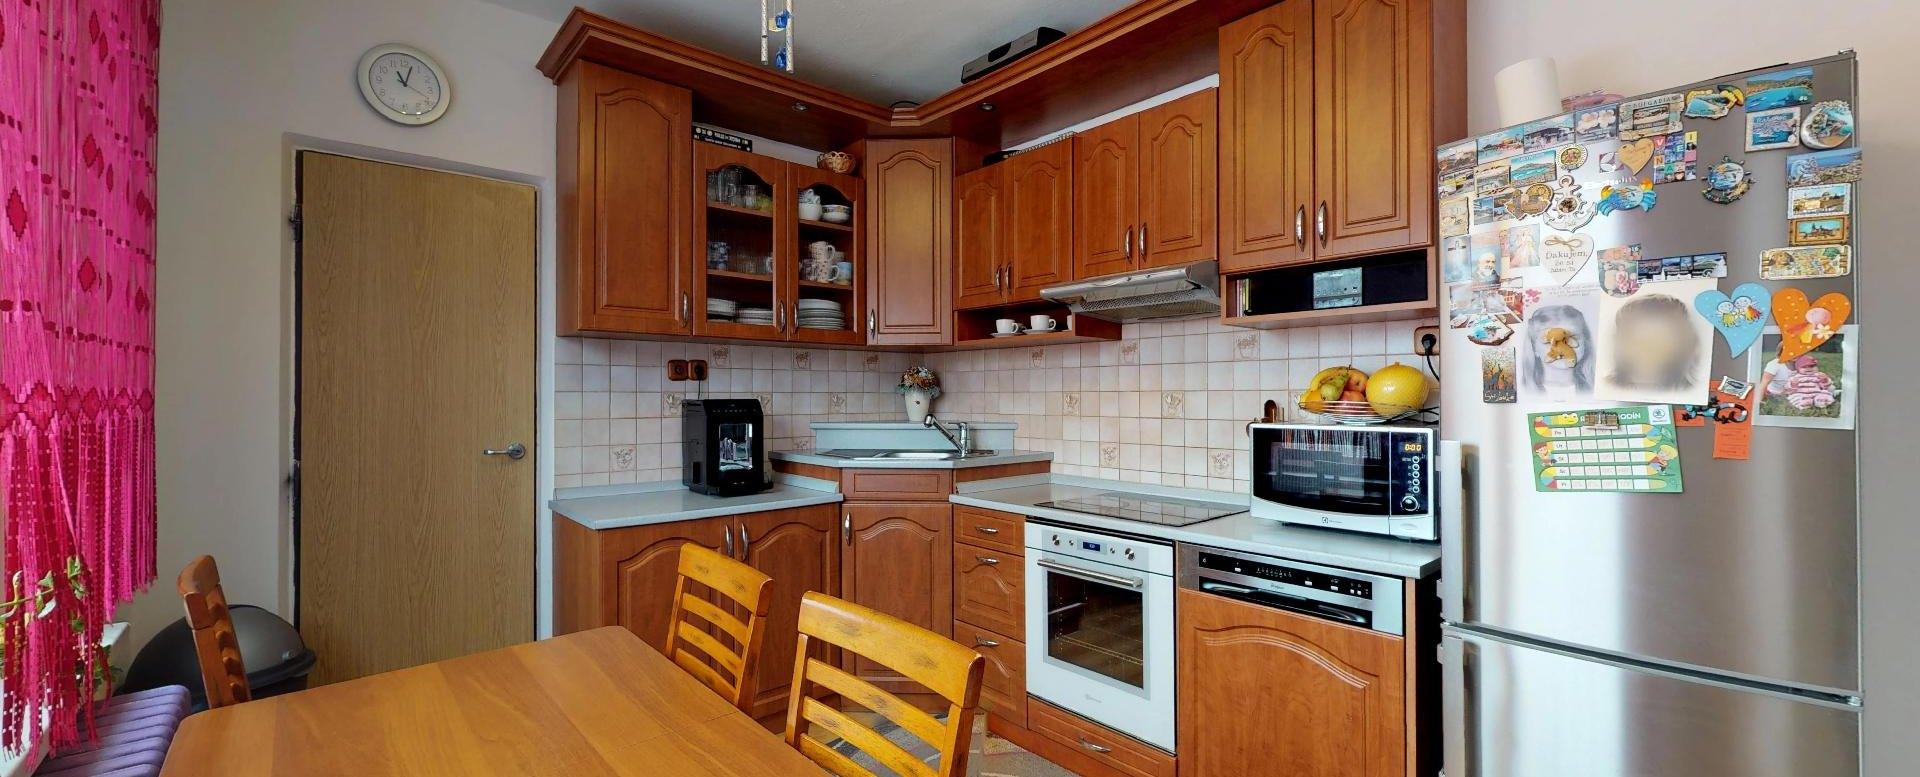 Pohľad na kuchynský stôl, kuchynskú linku, chladničku a špajzu